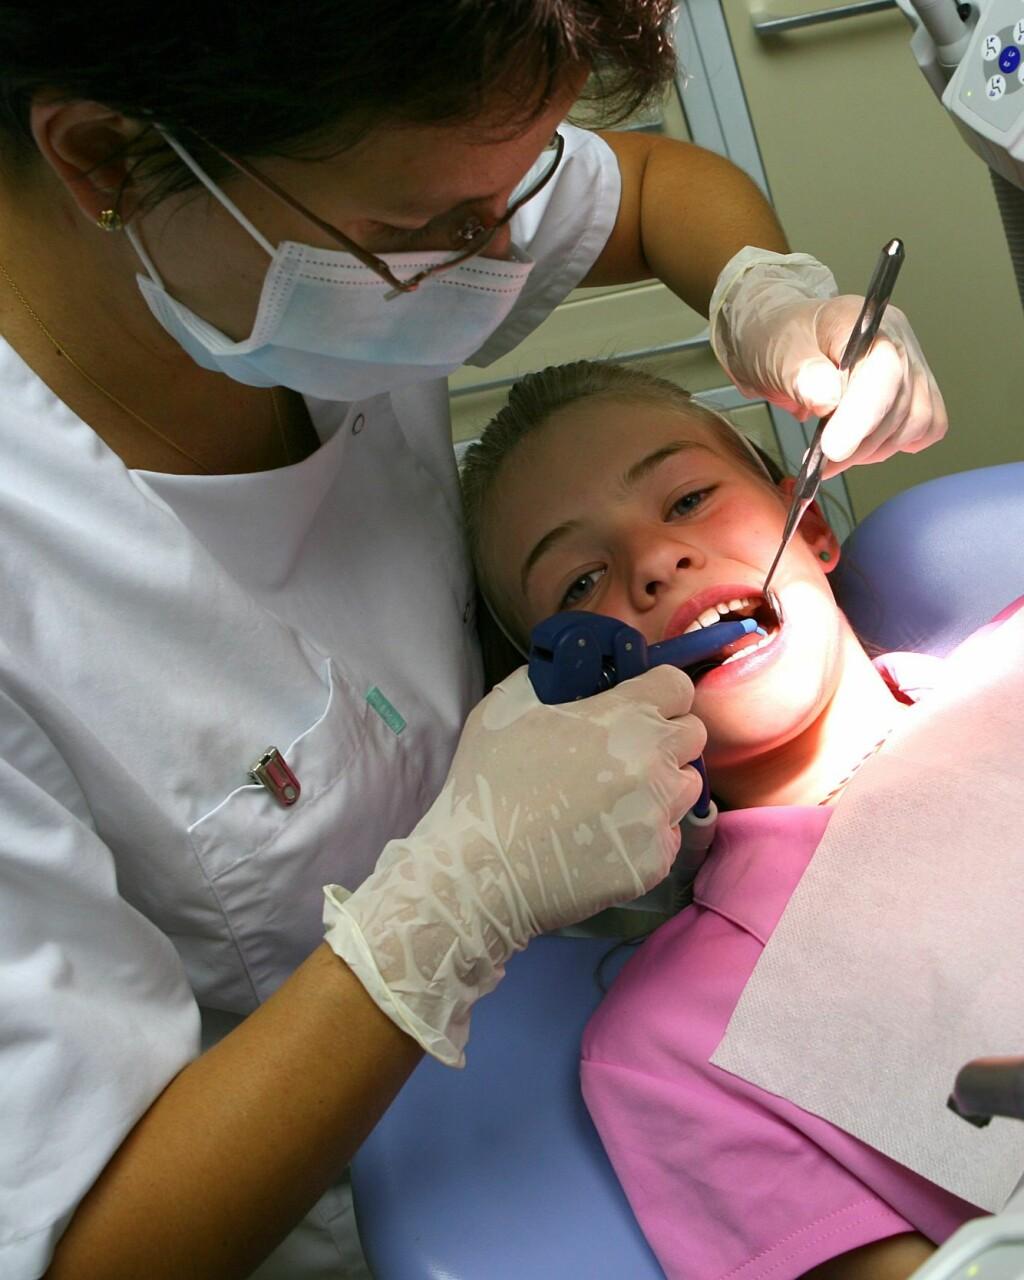 ©Gwenael Knichel/MAXPPP - Visite de controle reguliere chez le dentiste  ILLUSTRATION Foto: MAXPPP